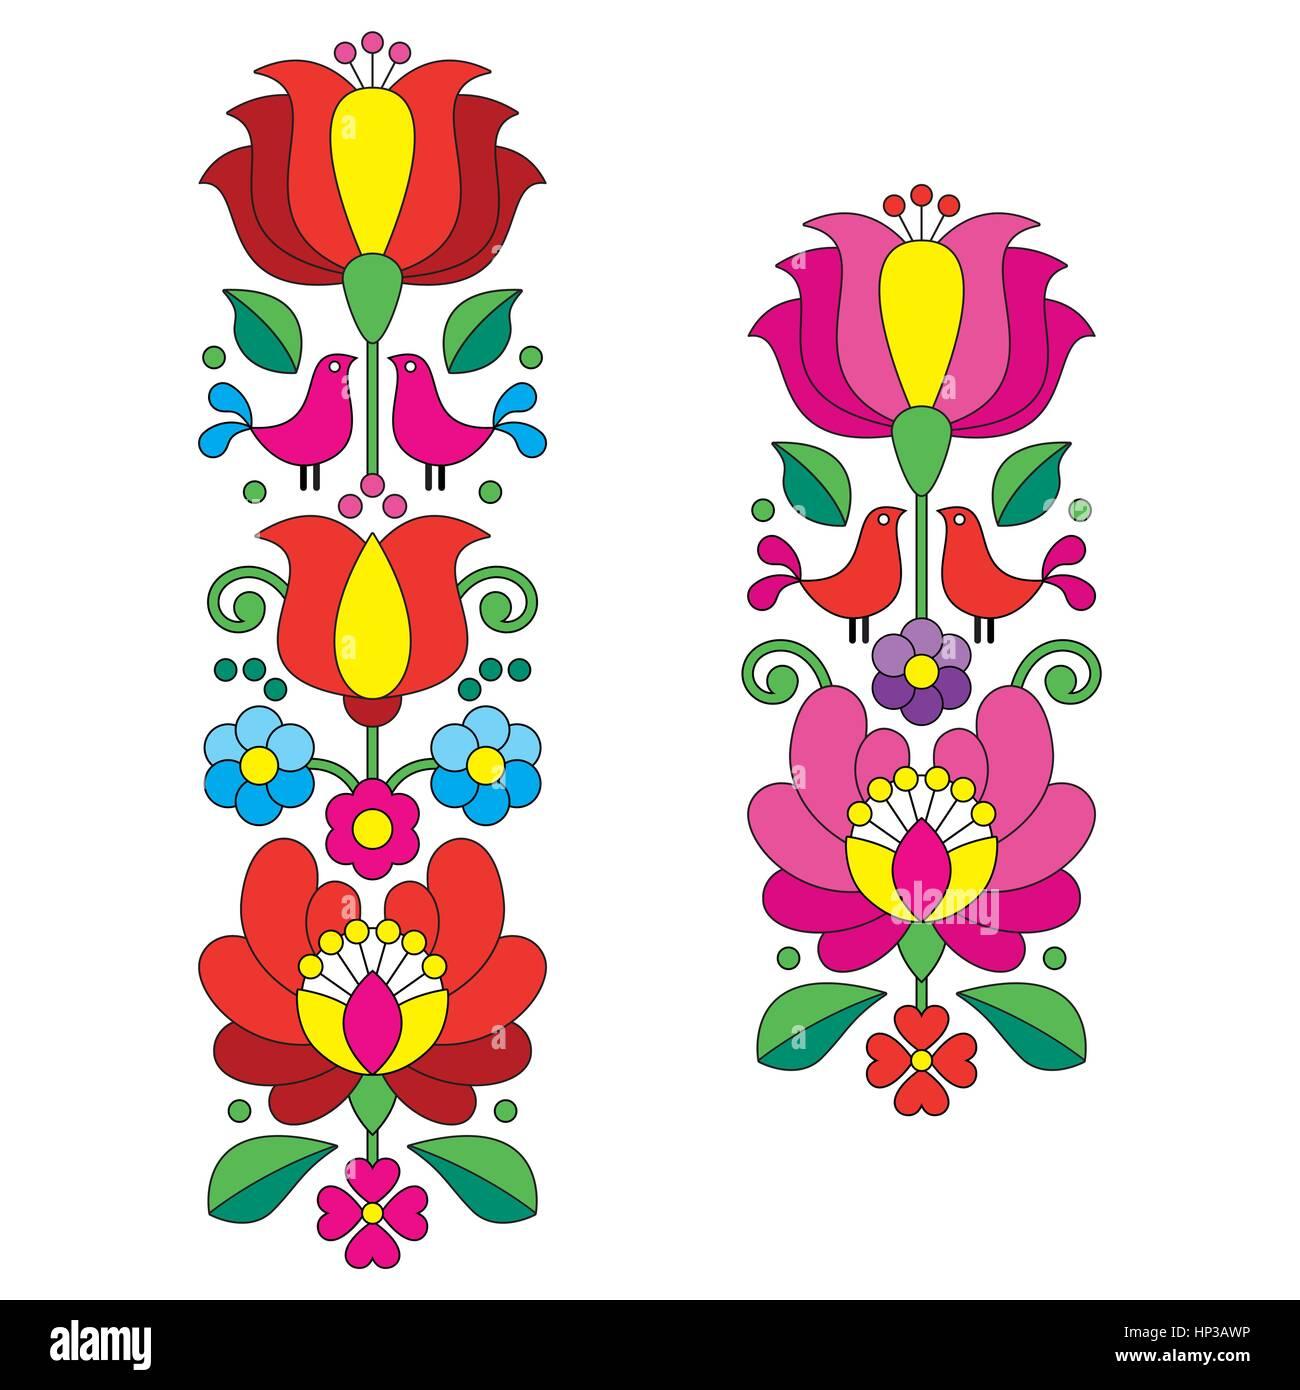 Seamless Kalocsai bordado floral Húngaro - patrón de arte folk ...